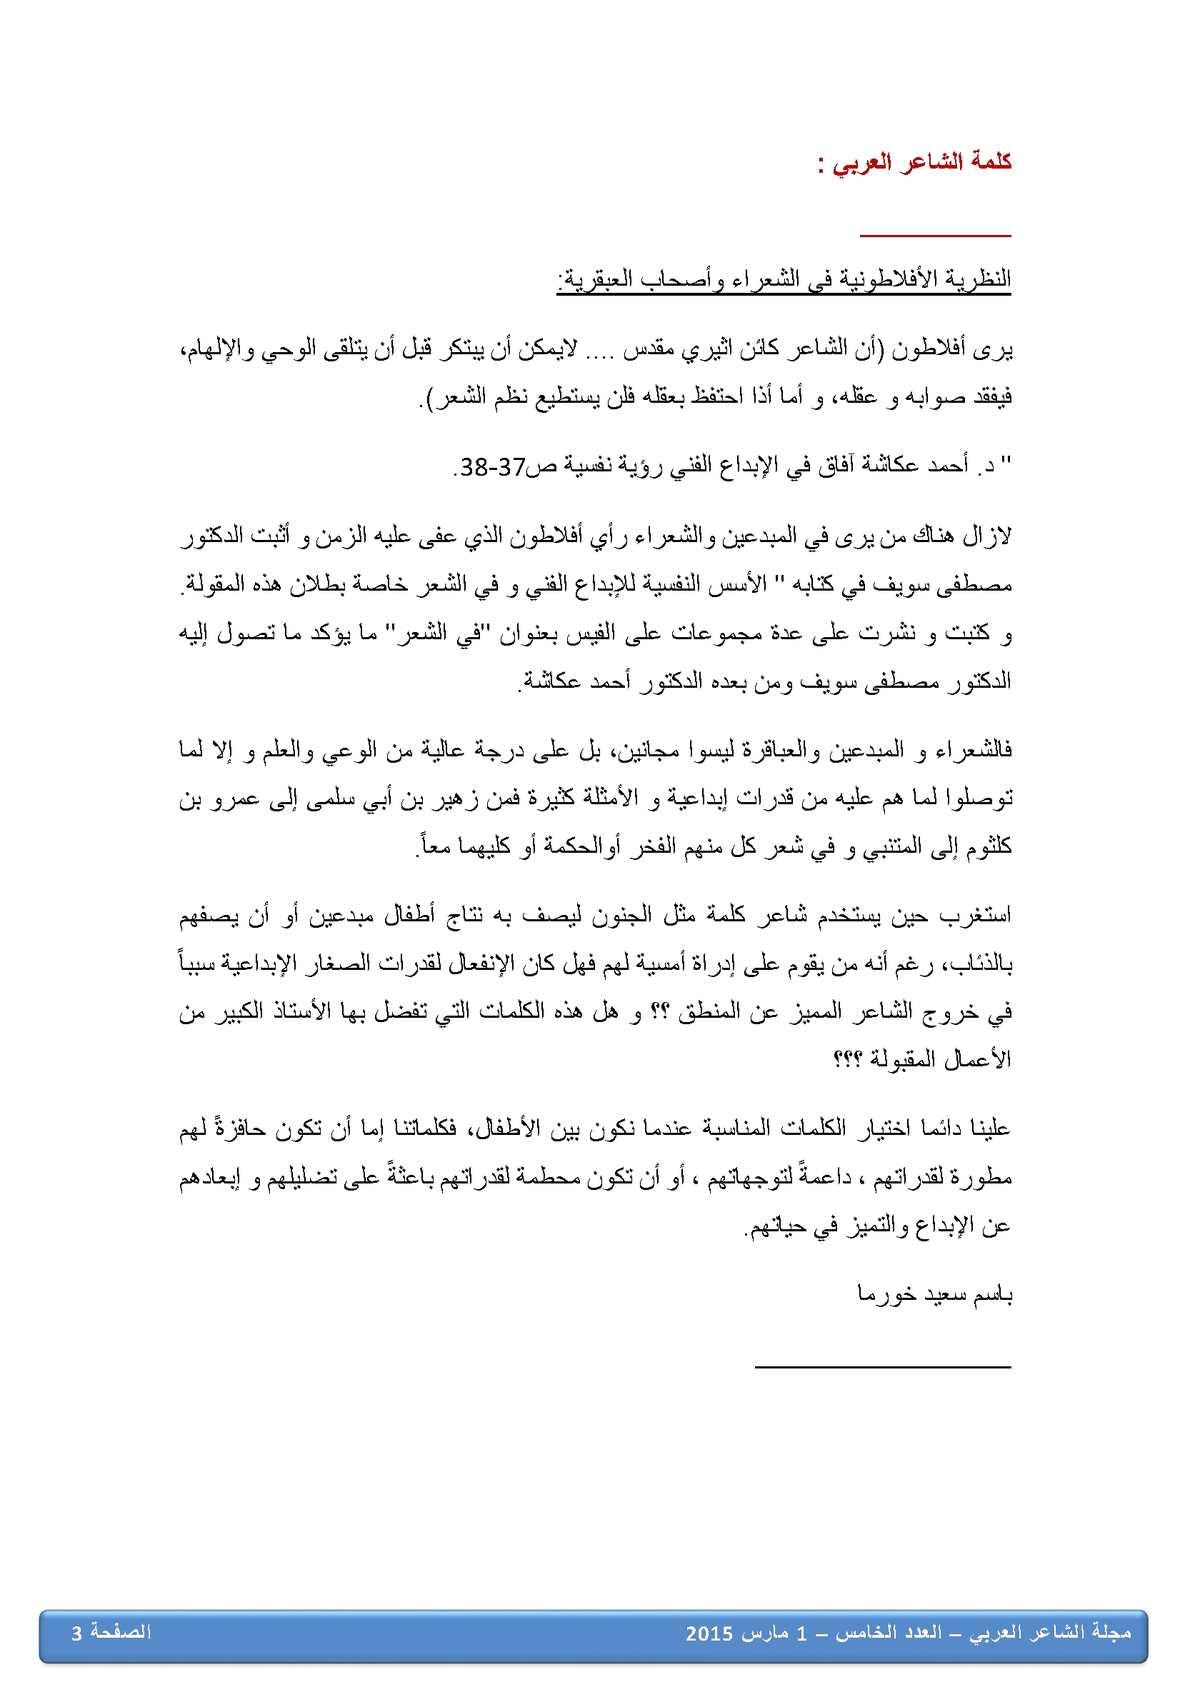 886798846 العدد الخامس - مجلة الشاعر العربي - CALAMEO Downloader